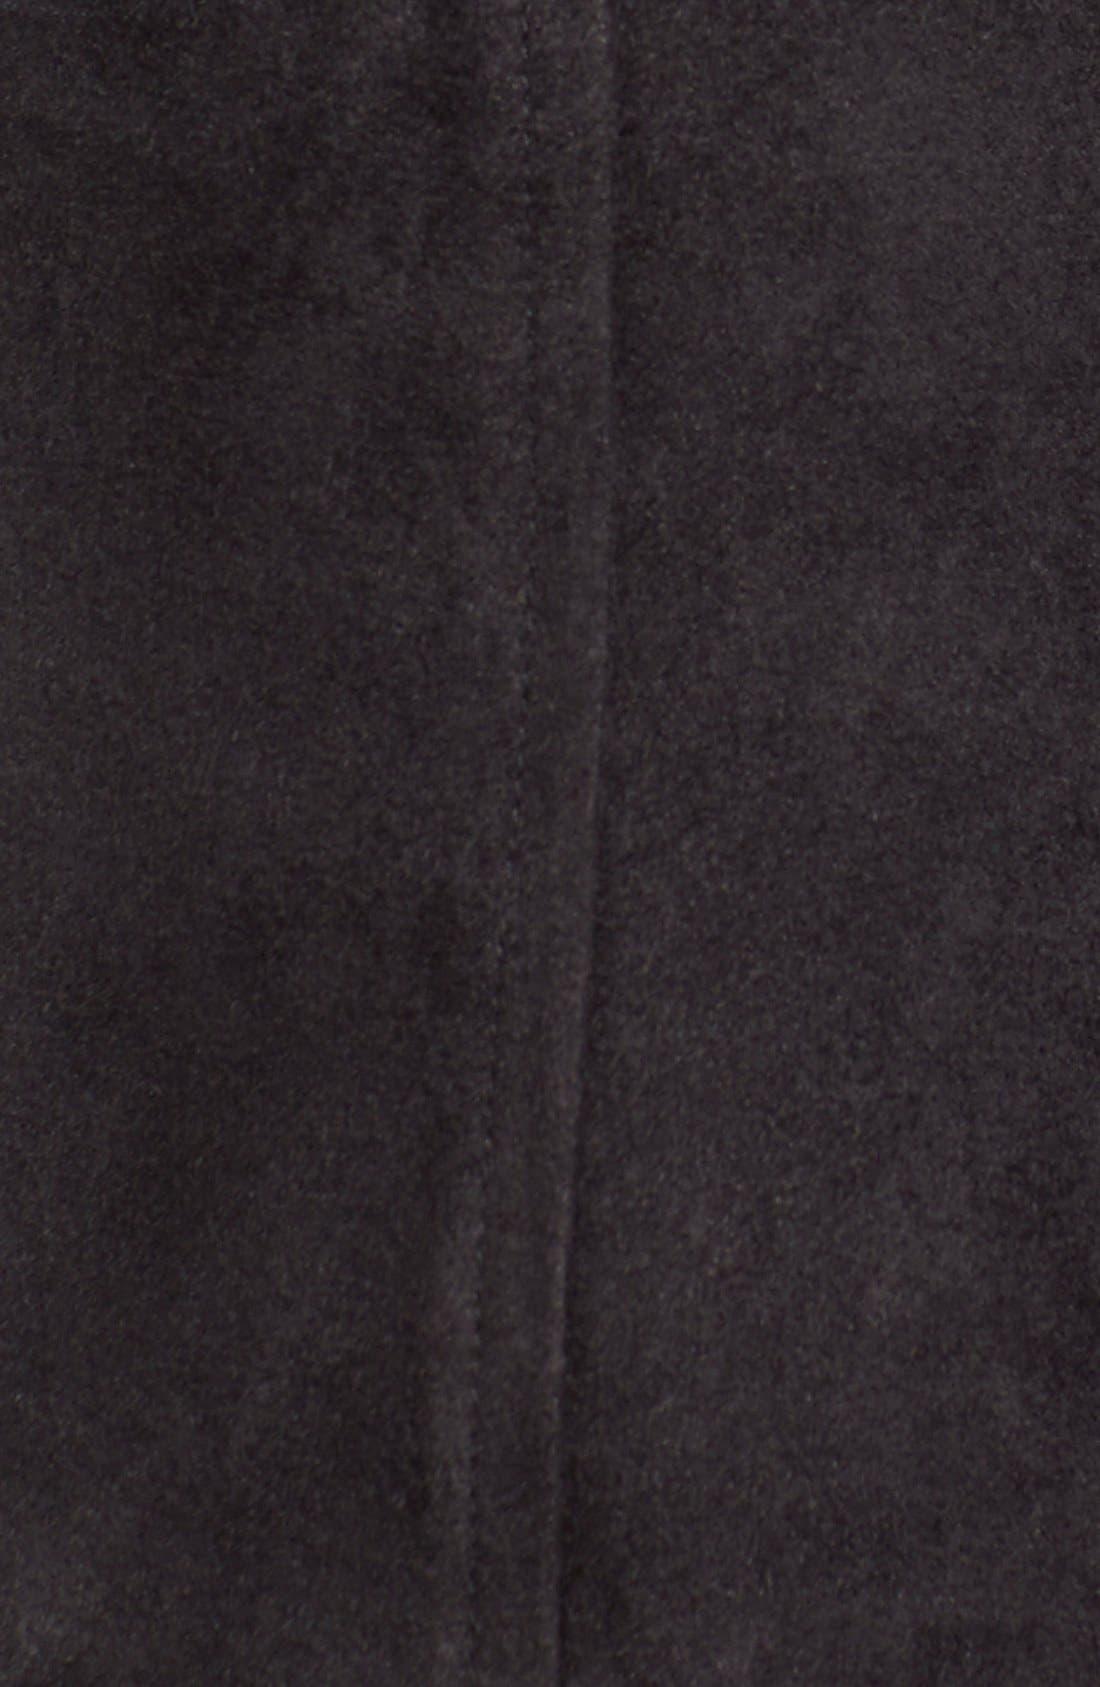 Button Front Faux Suede Skirt,                             Alternate thumbnail 4, color,                             001